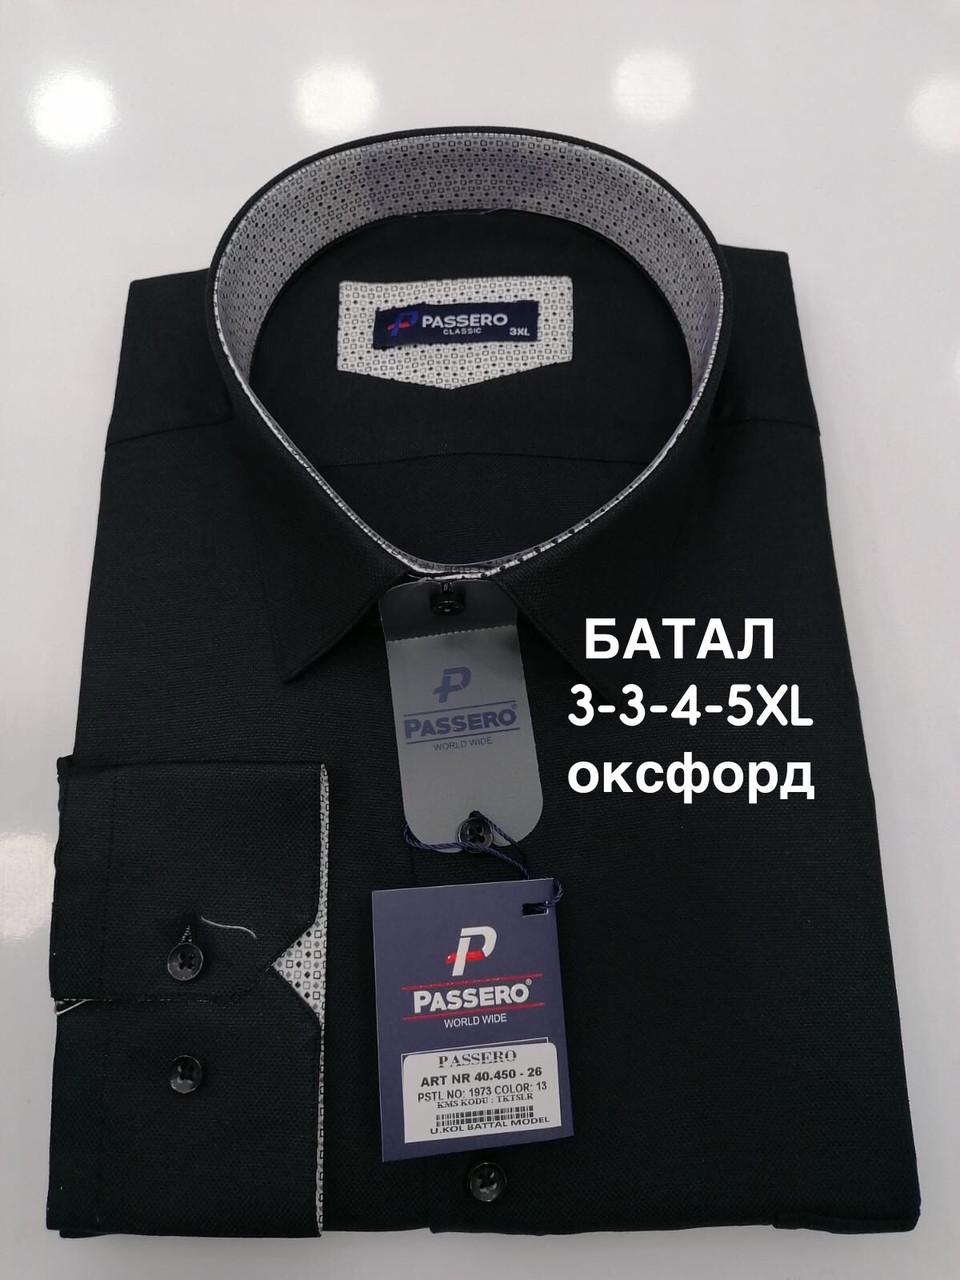 Батальная рубашка Passero оксфорд